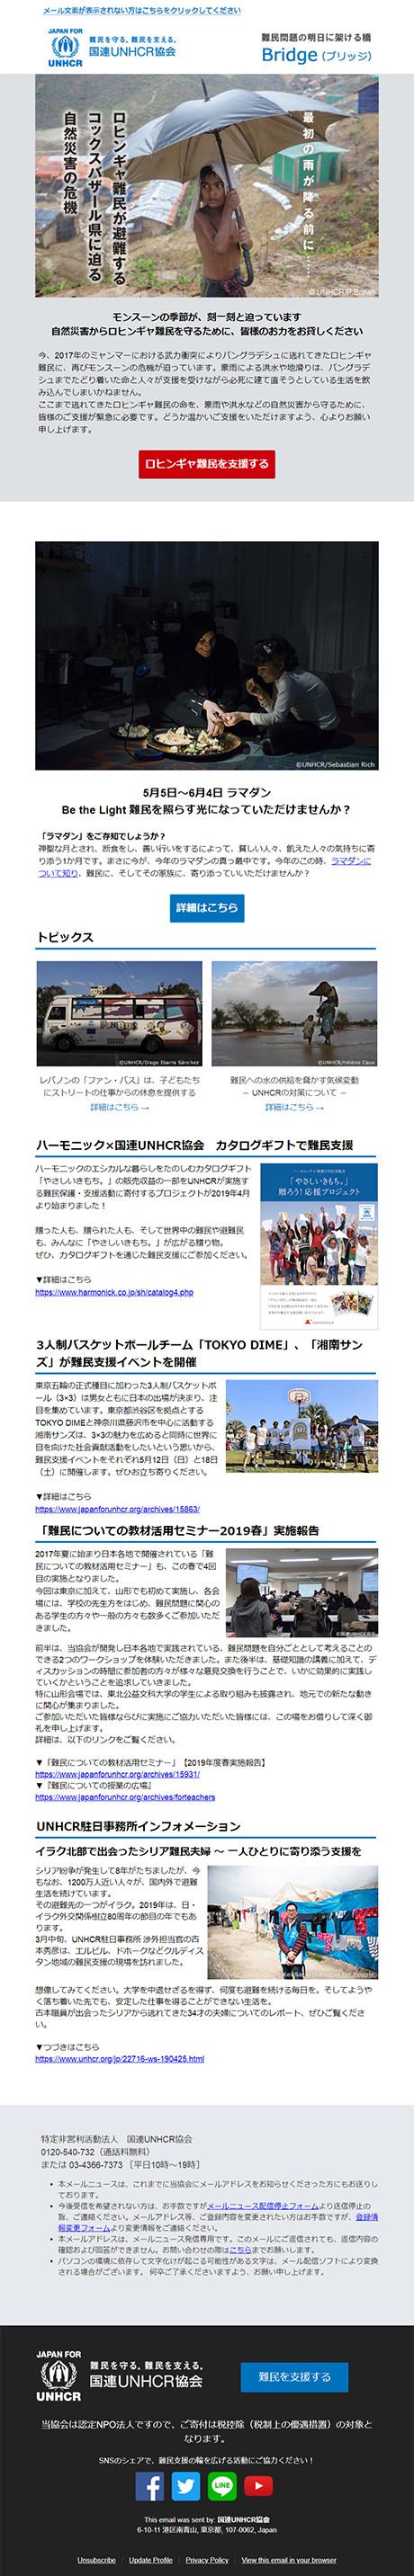 メールニュースサンプル2018年6月配信分